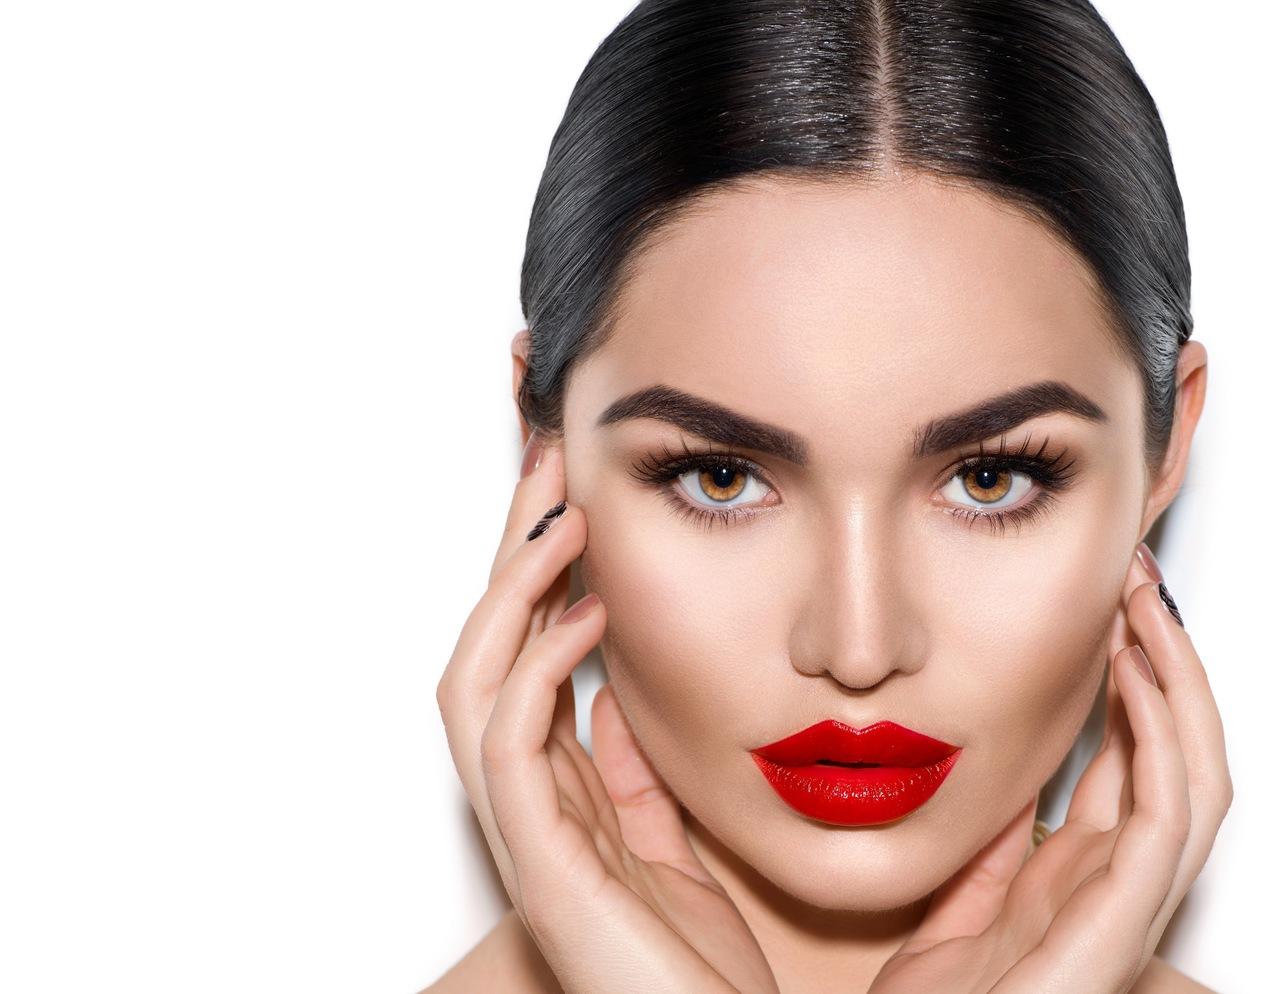 Yüzünü avuçları arasına almış kırmızı rujlu güzel kadın portresi